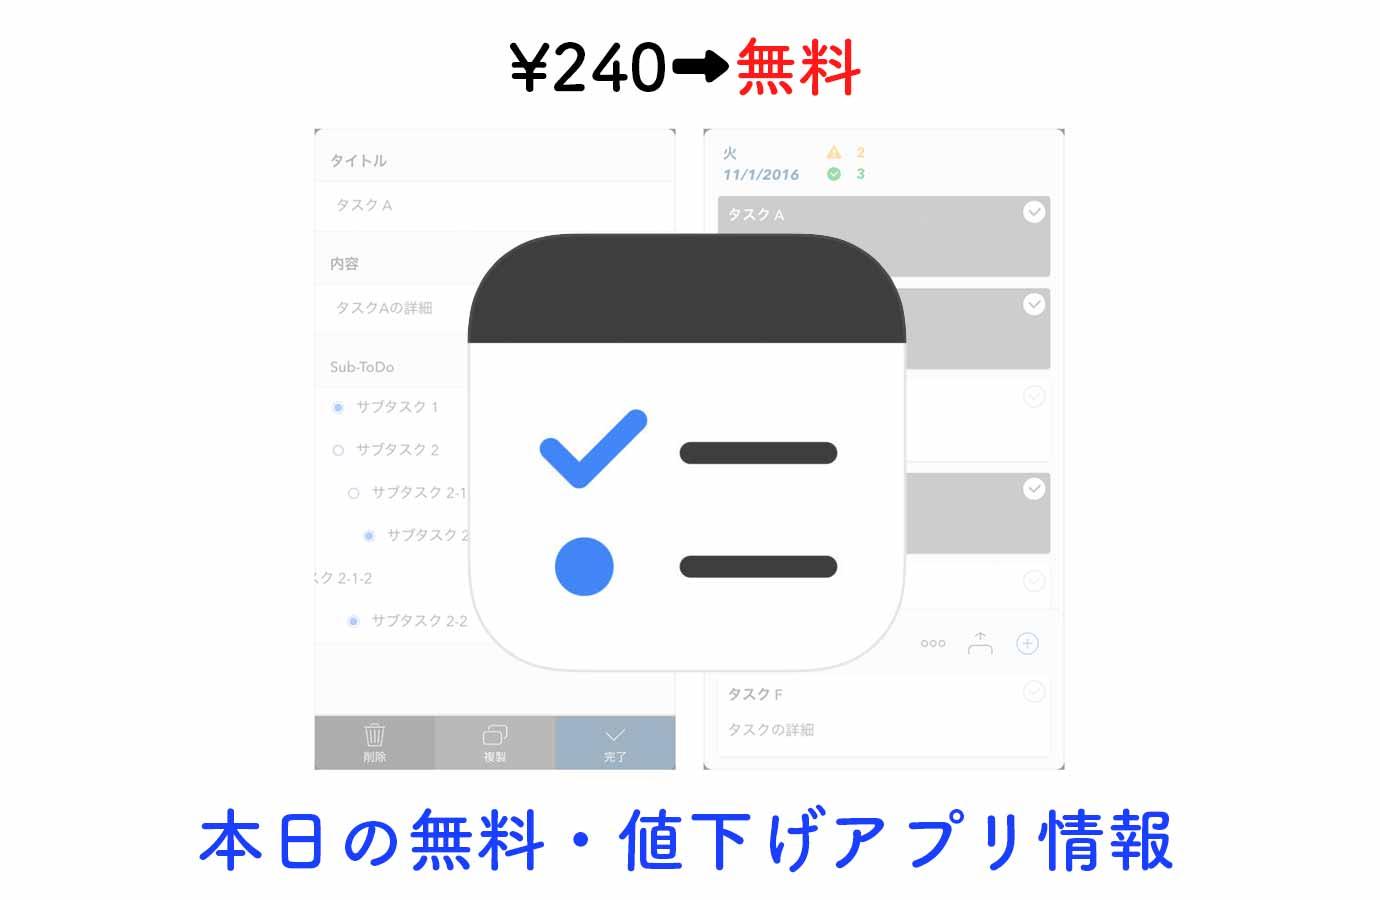 ¥240→無料、ToDoリストとスケジュール帳を組み合わせたアプリ「TodoCal」など【8/4】本日の無料・値下げアプリ情報